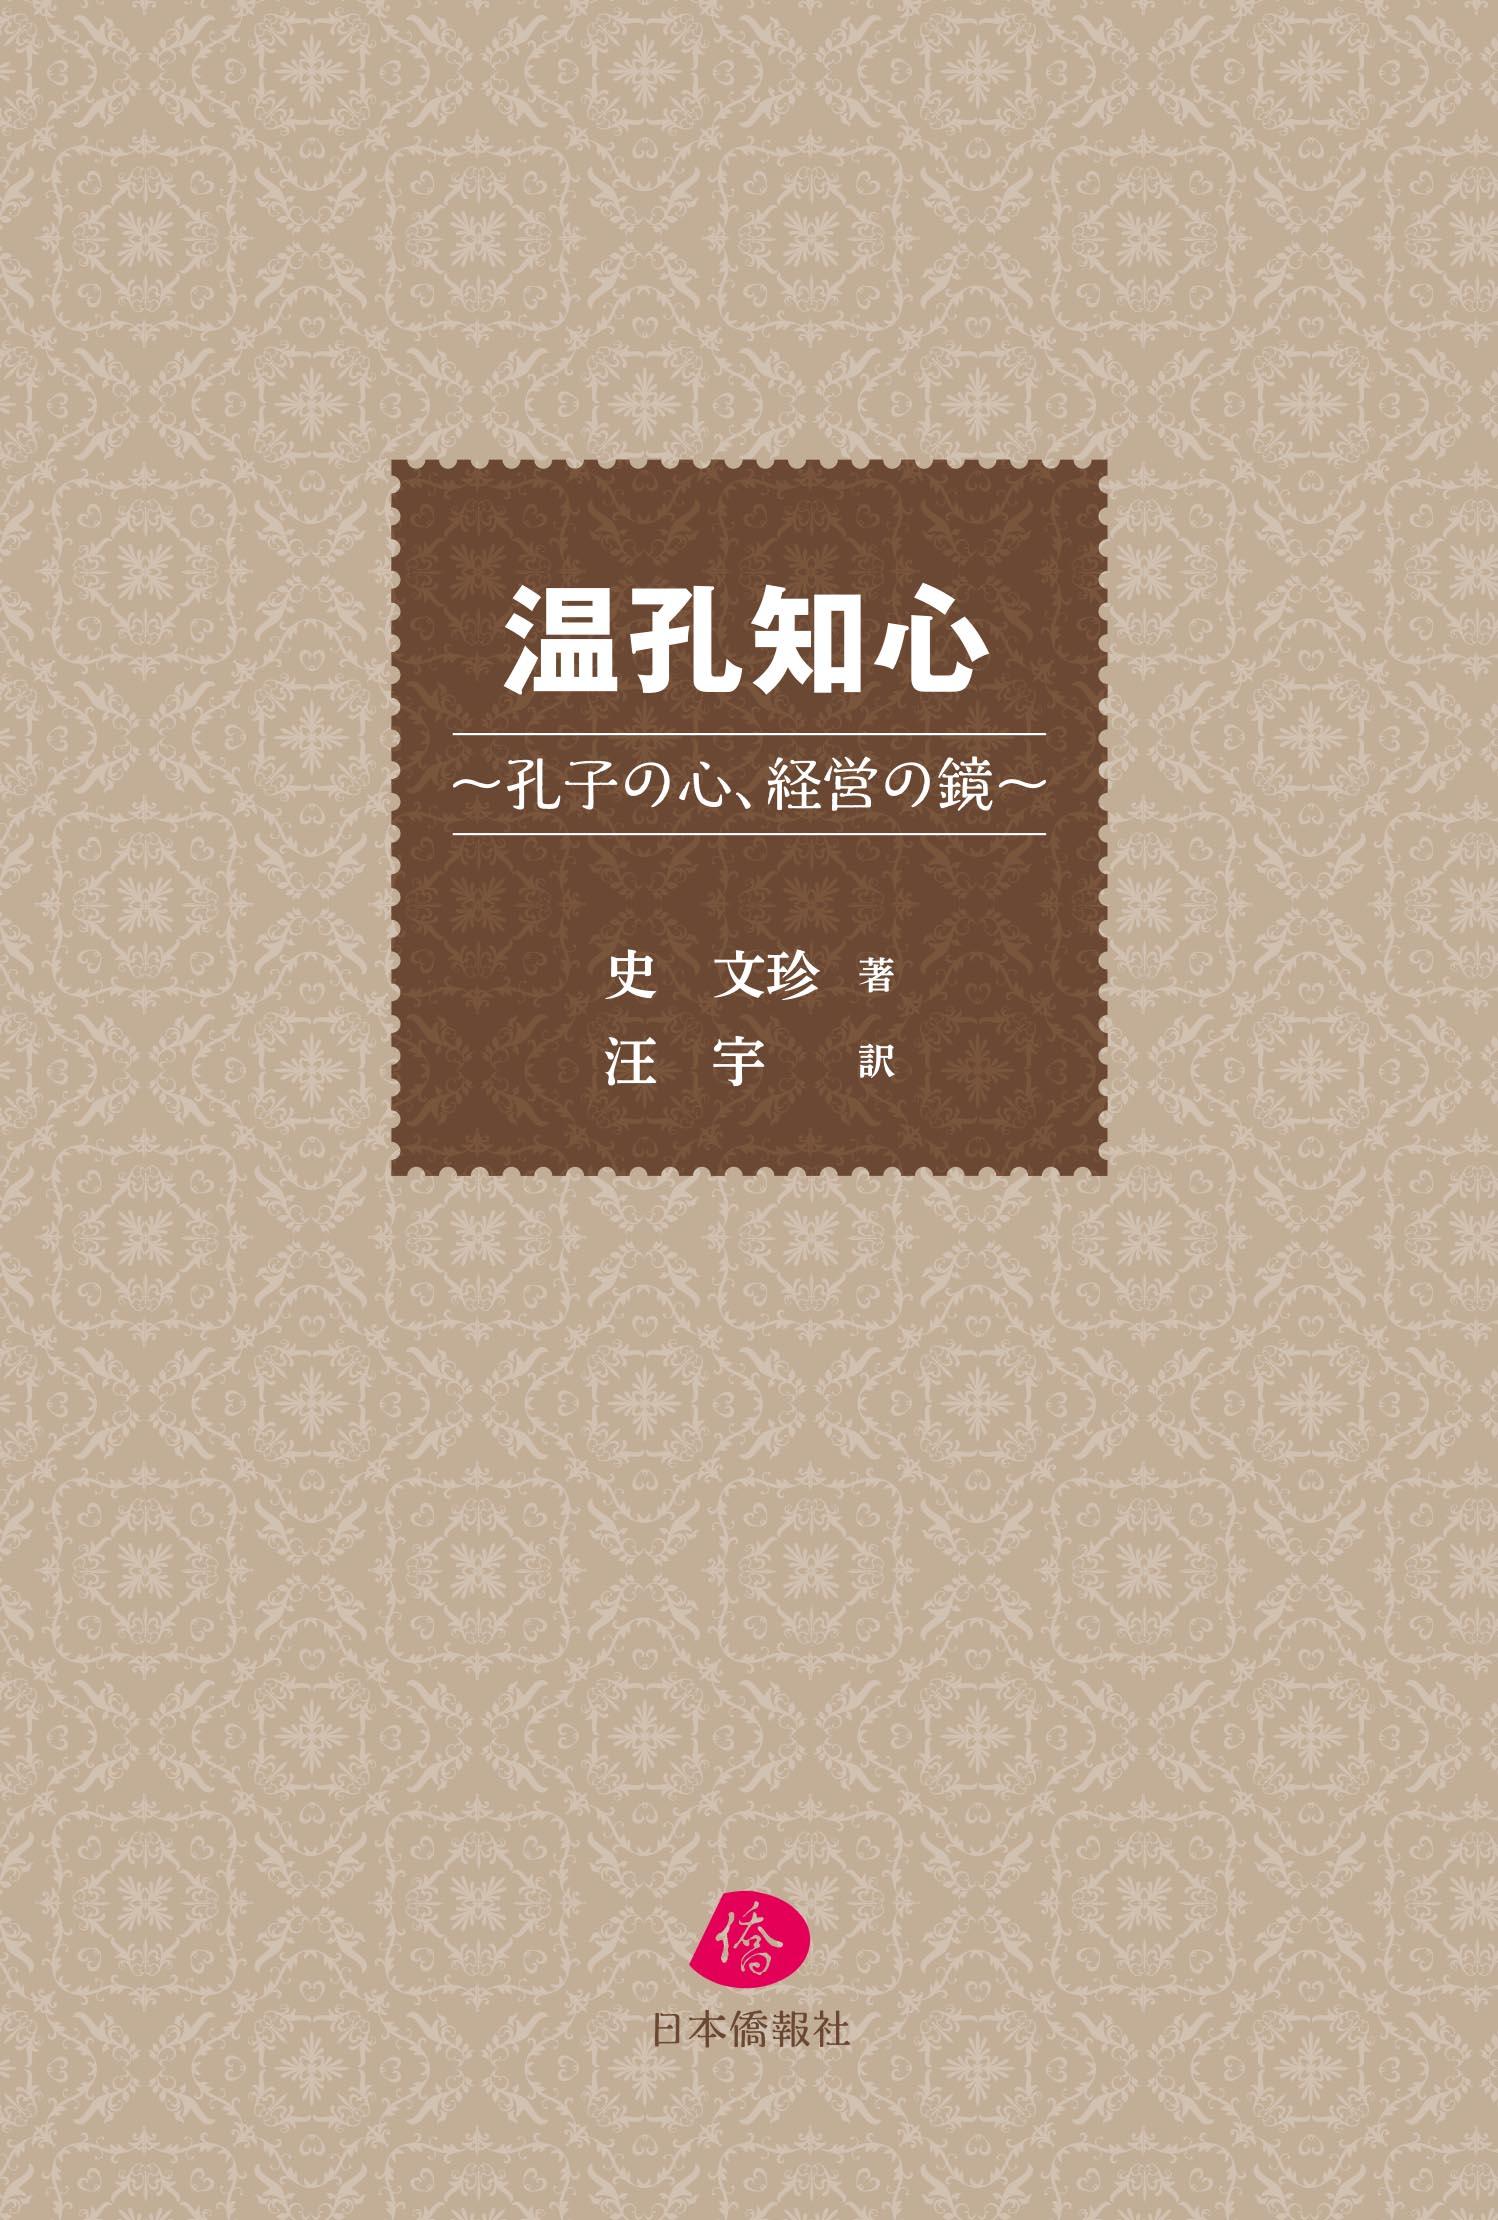 日本僑報社、孔子の教えを現代ビジネスに活かす『温孔知心―孔子の心、経営の鏡』刊行特集を配信_d0027795_13162131.jpg